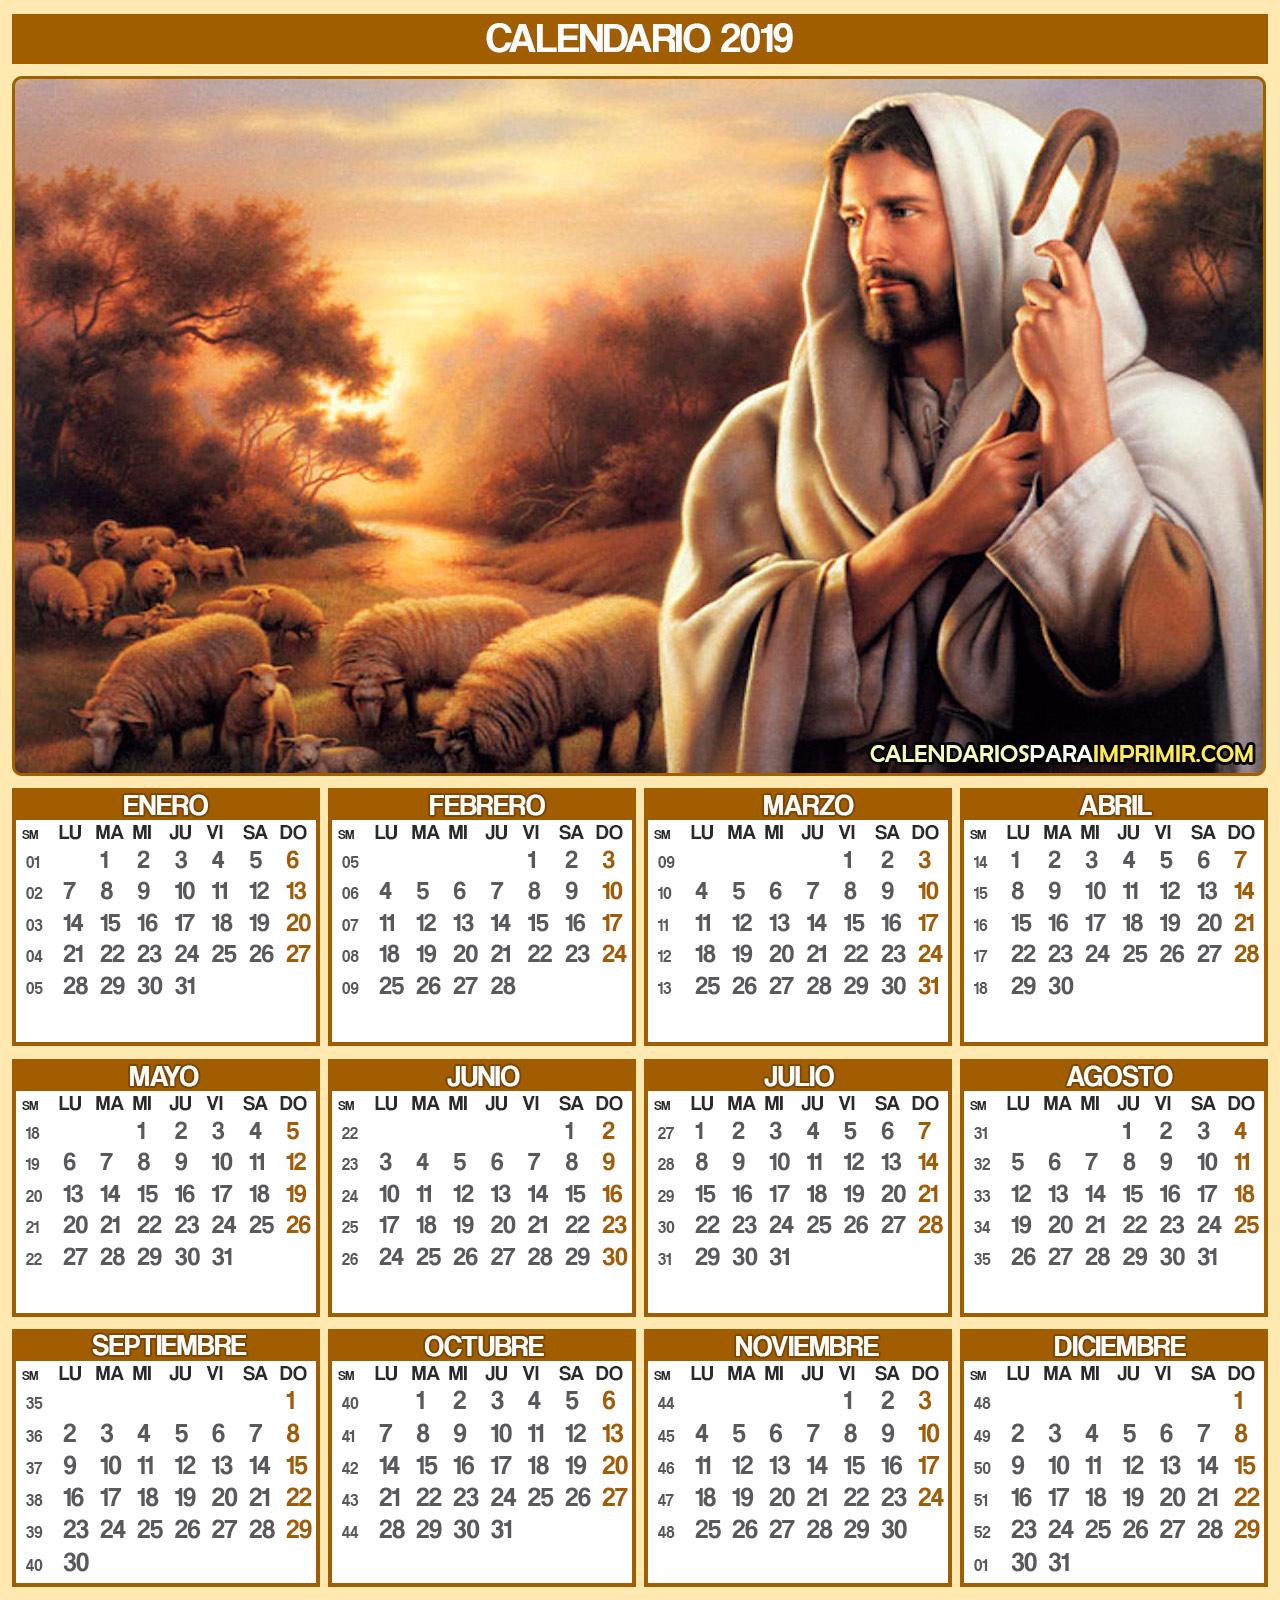 calendario 2019  religioso jesus para imprimir